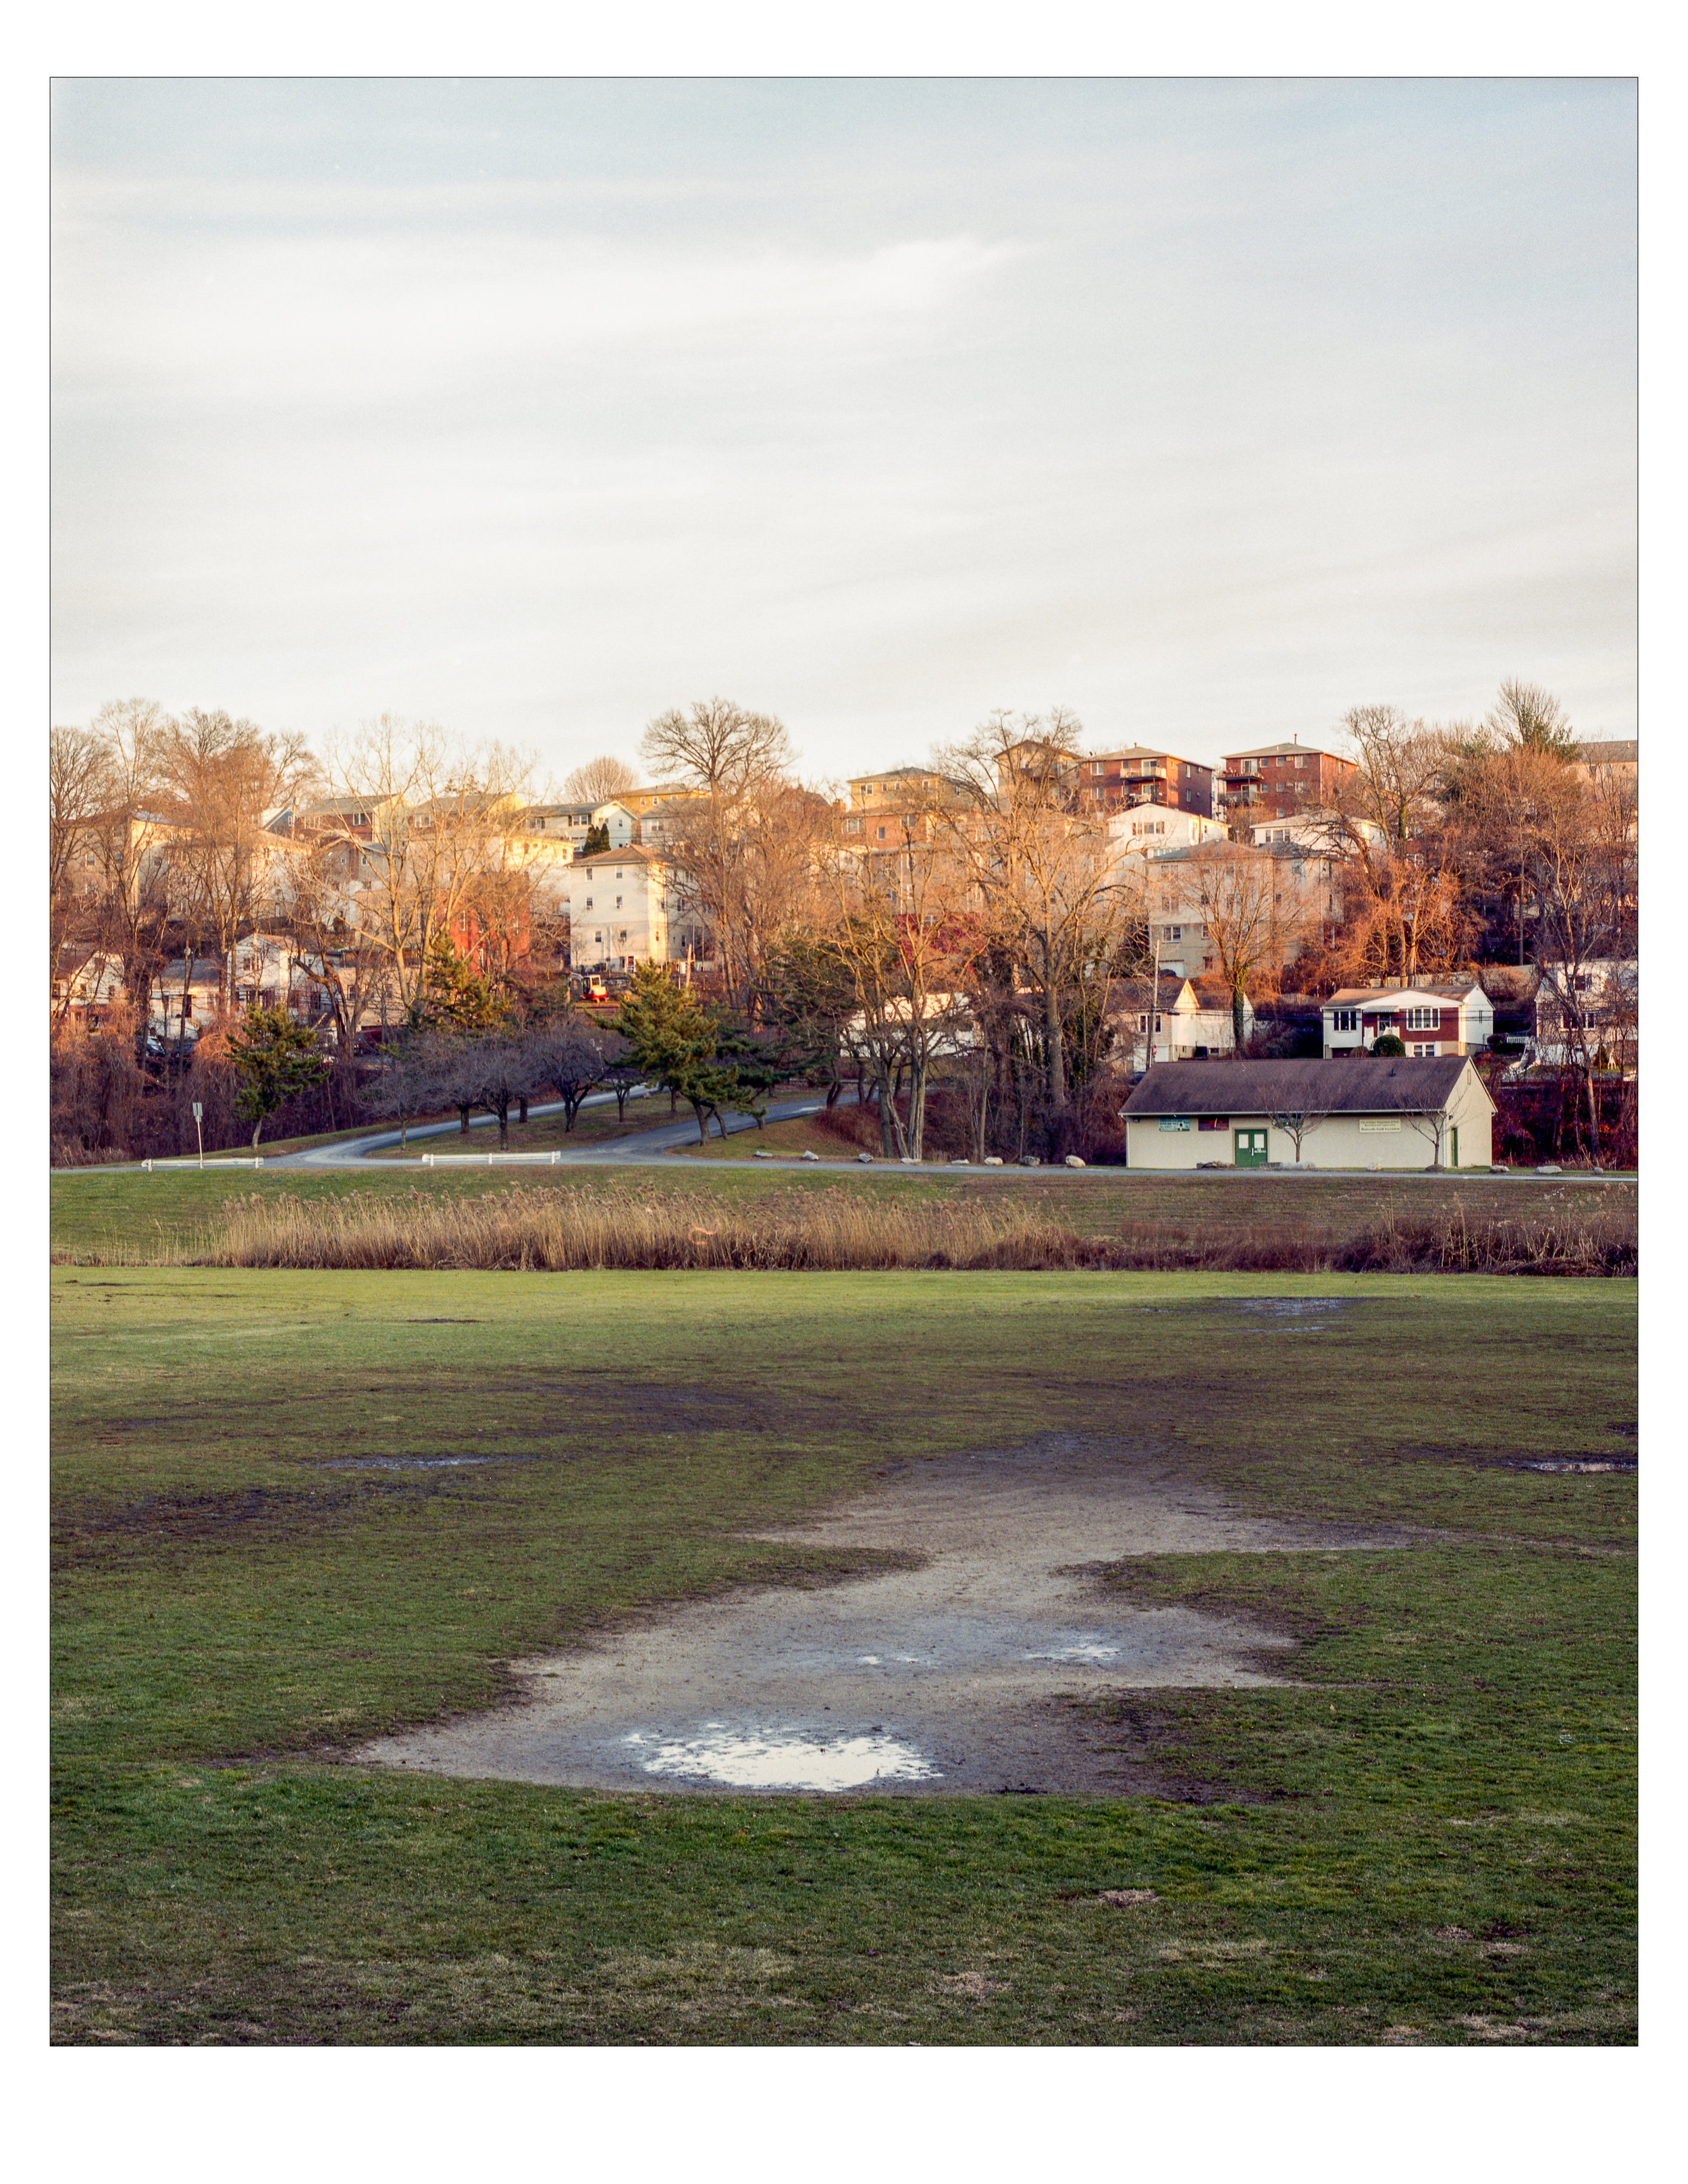 Yonkers, NY,Kodak Portra 400